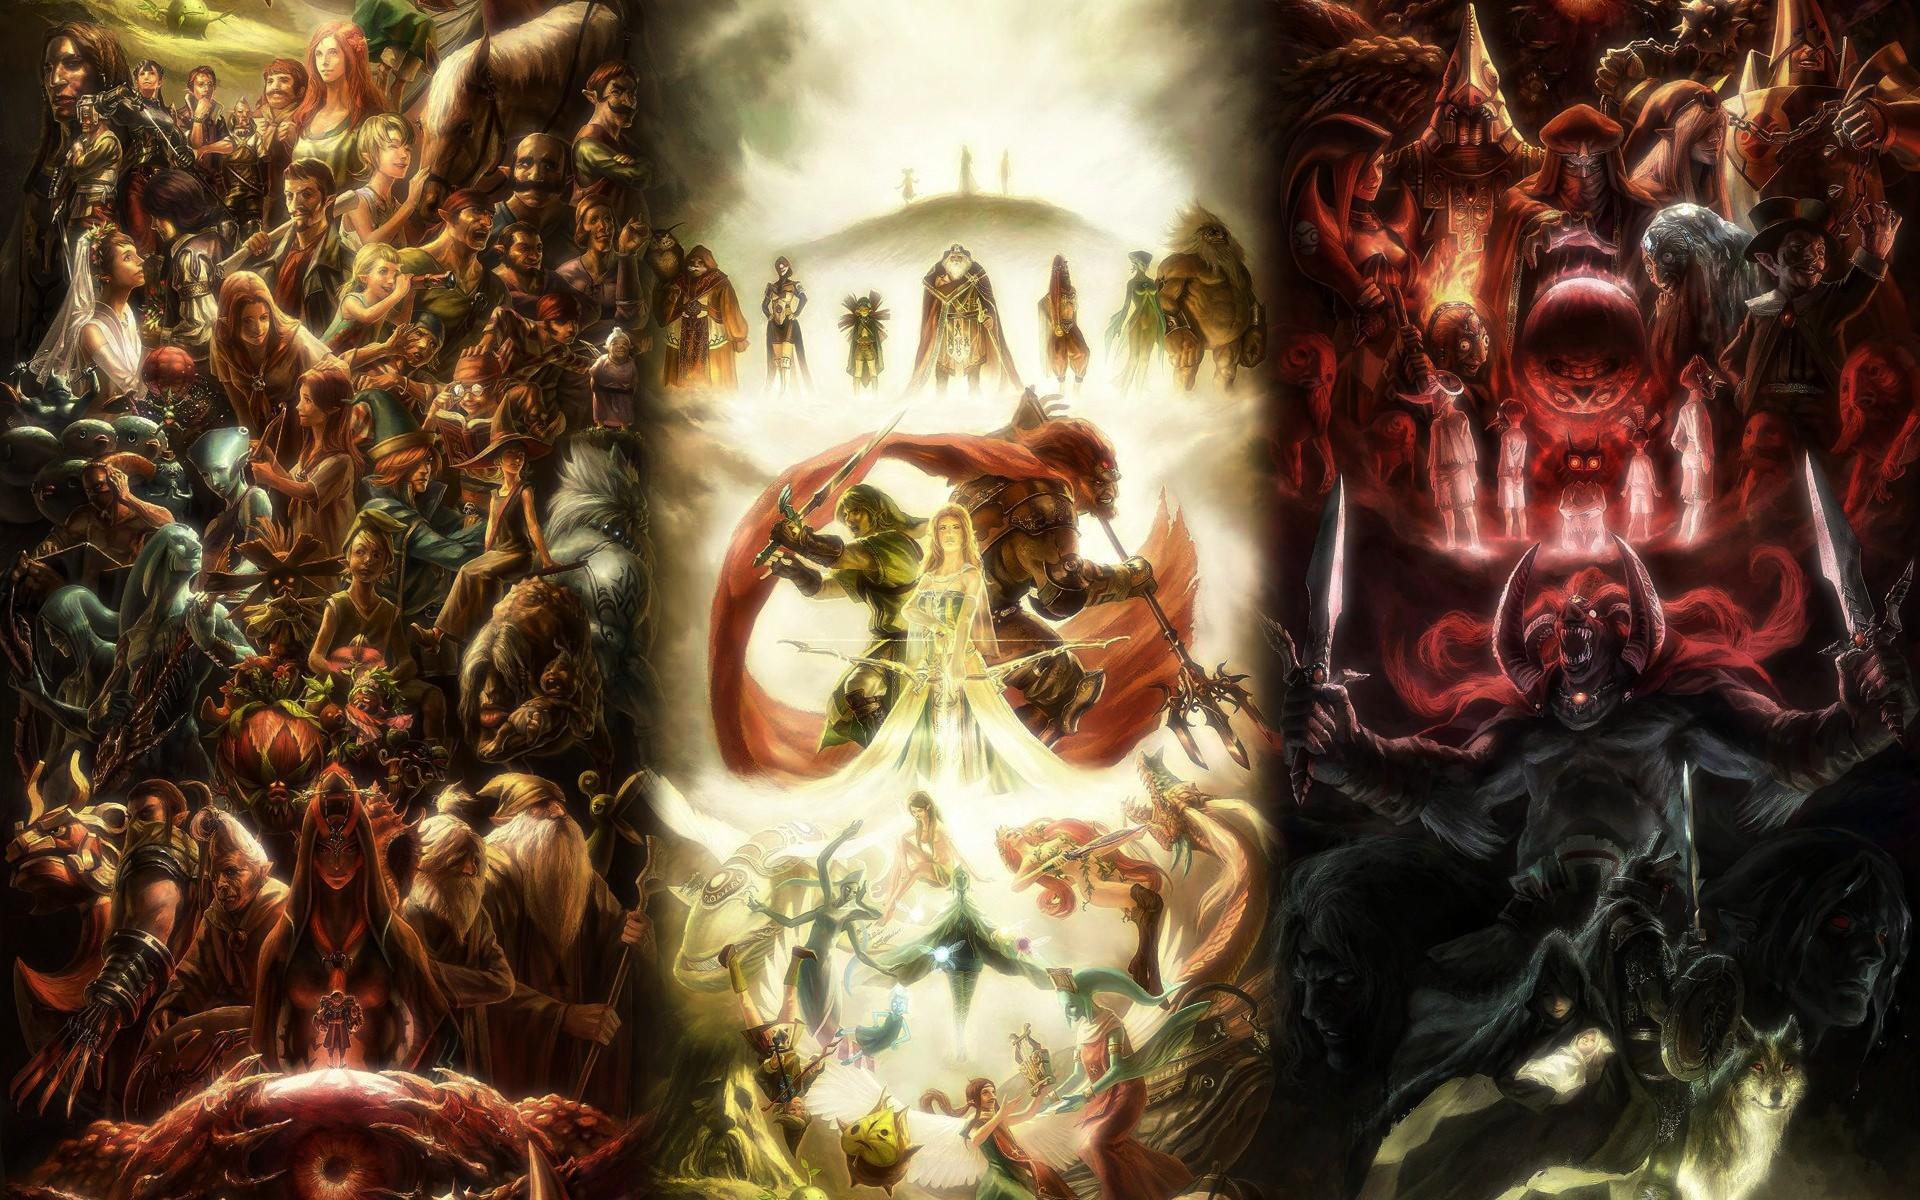 Link, Zelda, Ganondorf, Midna, The Legend of Zelda, The Legend of Zelda:  Majora's Mask, Wind Waker, Collage, Fantasy art, Video games Wallpapers HD  …